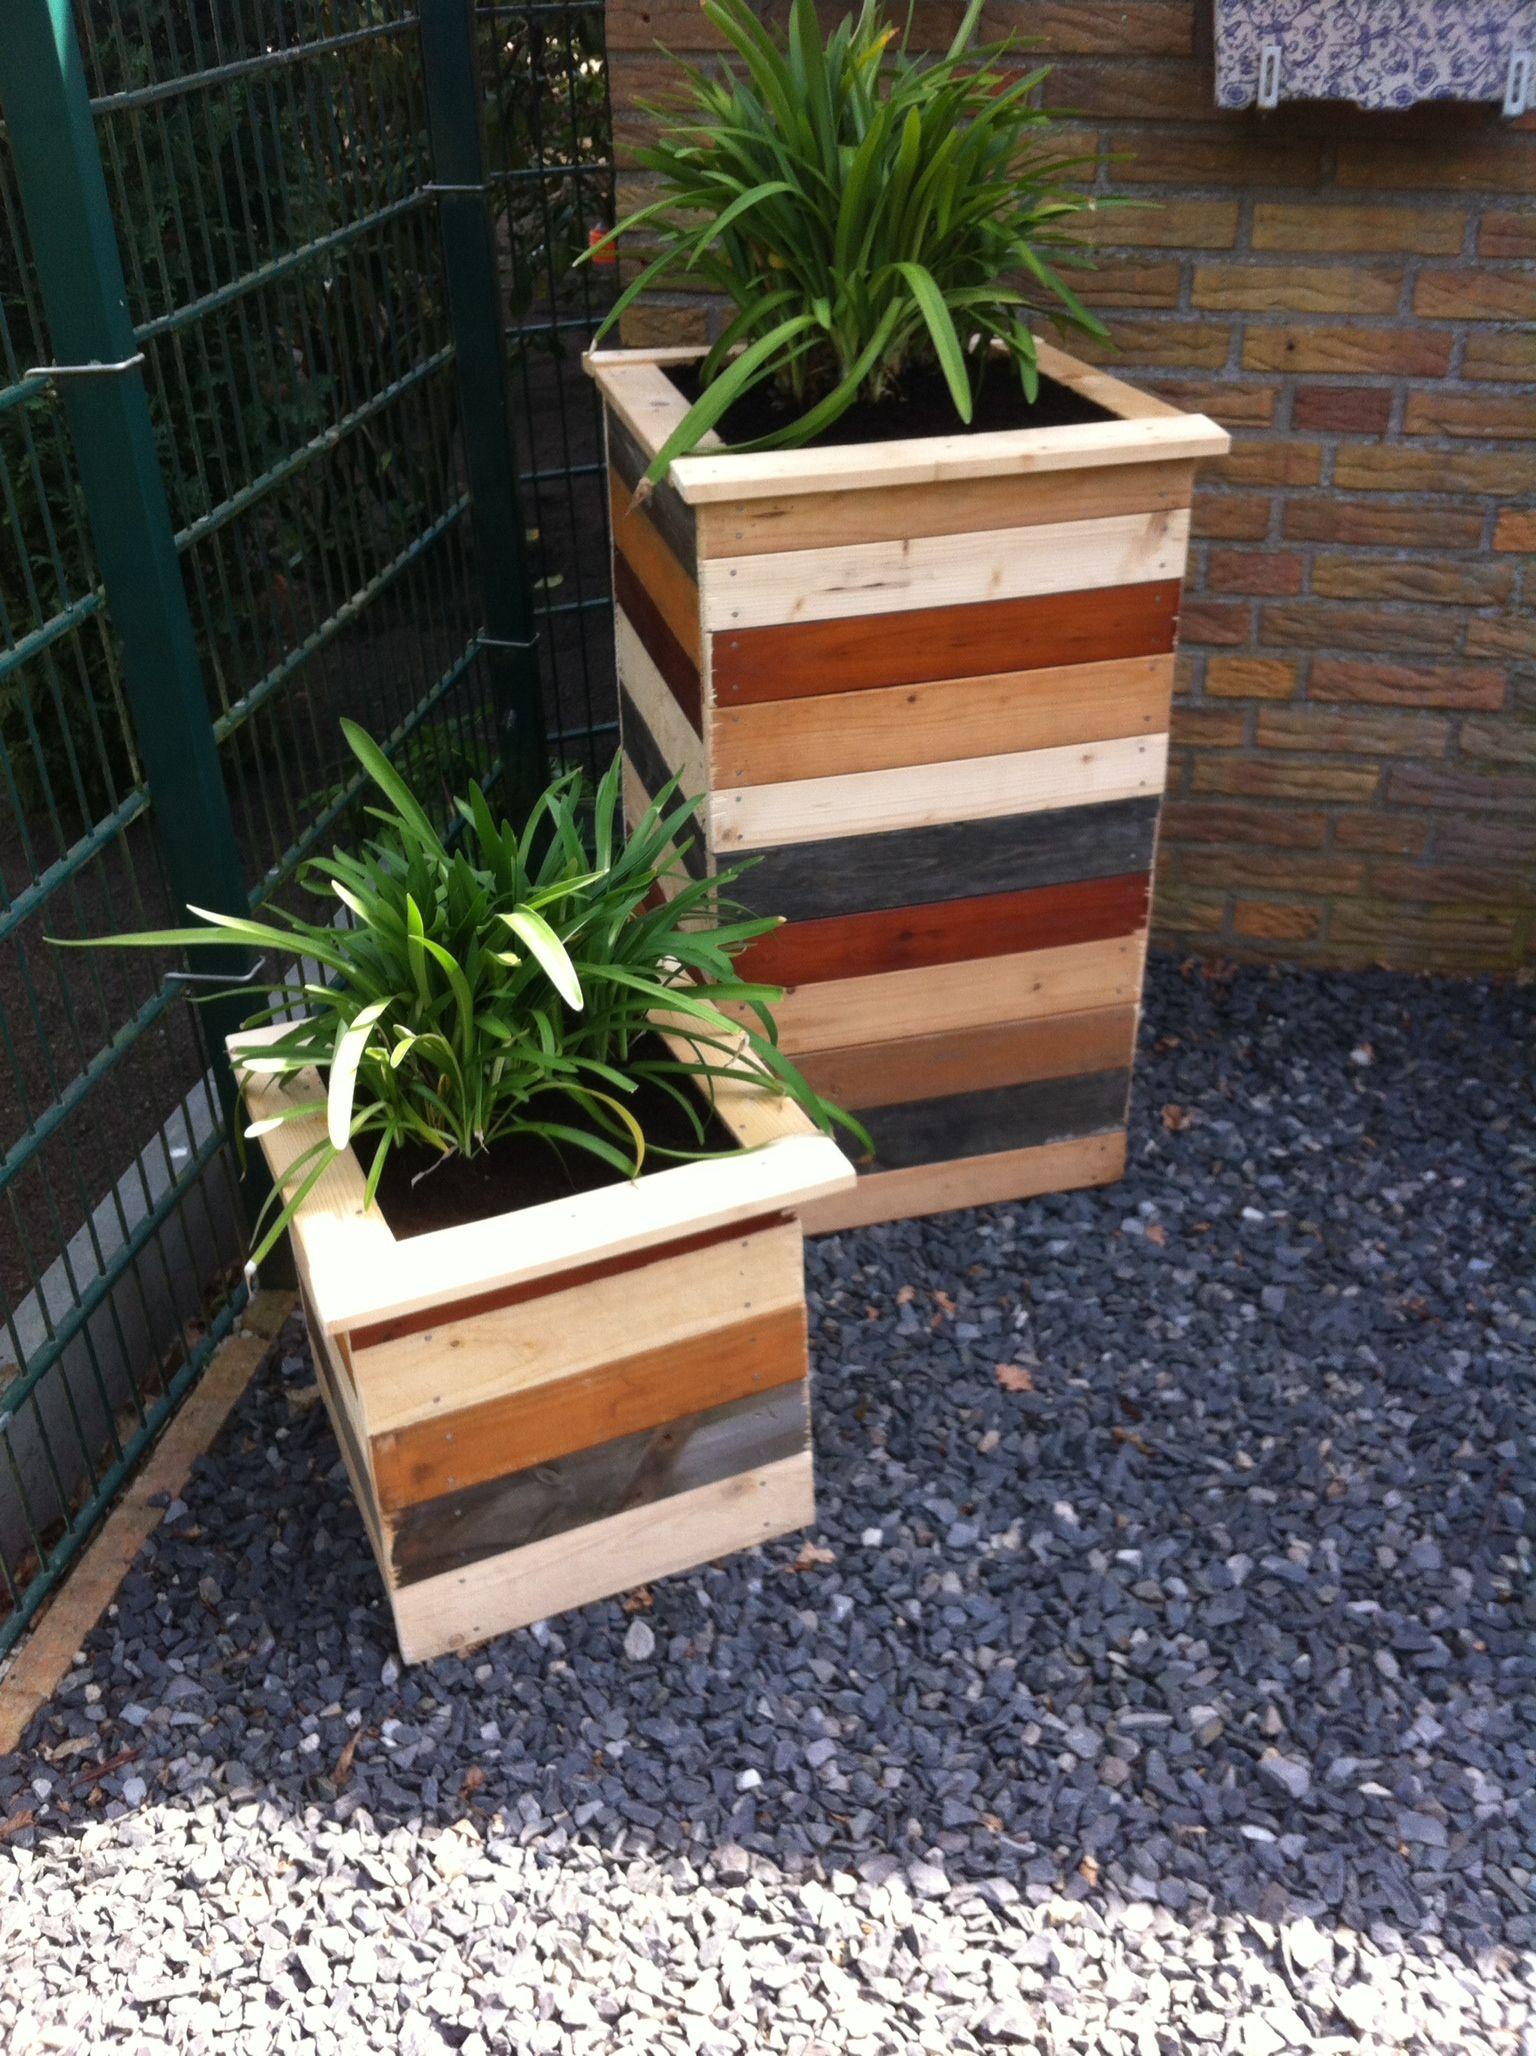 Grosse Blumenkubel Aus Holz Selber Bauen Diese Pflanzkubel